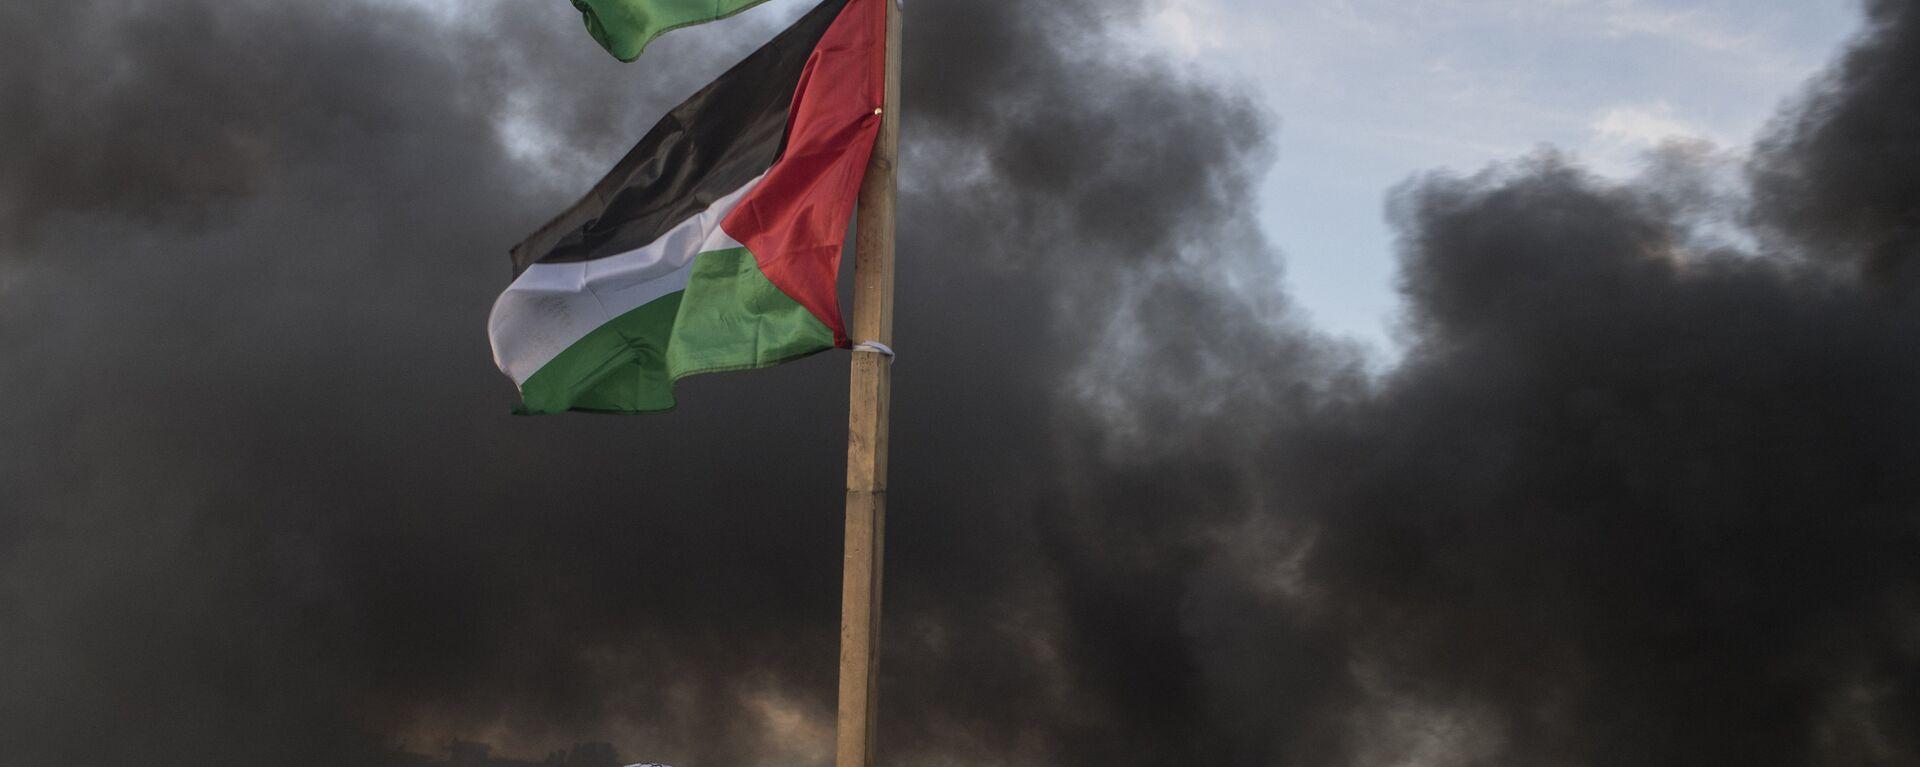 Διαδηλωτής στα σύνορα Ισραήλ - Παλαιστίνης έξω από τη Ραμάλα - Sputnik Ελλάδα, 1920, 18.05.2021